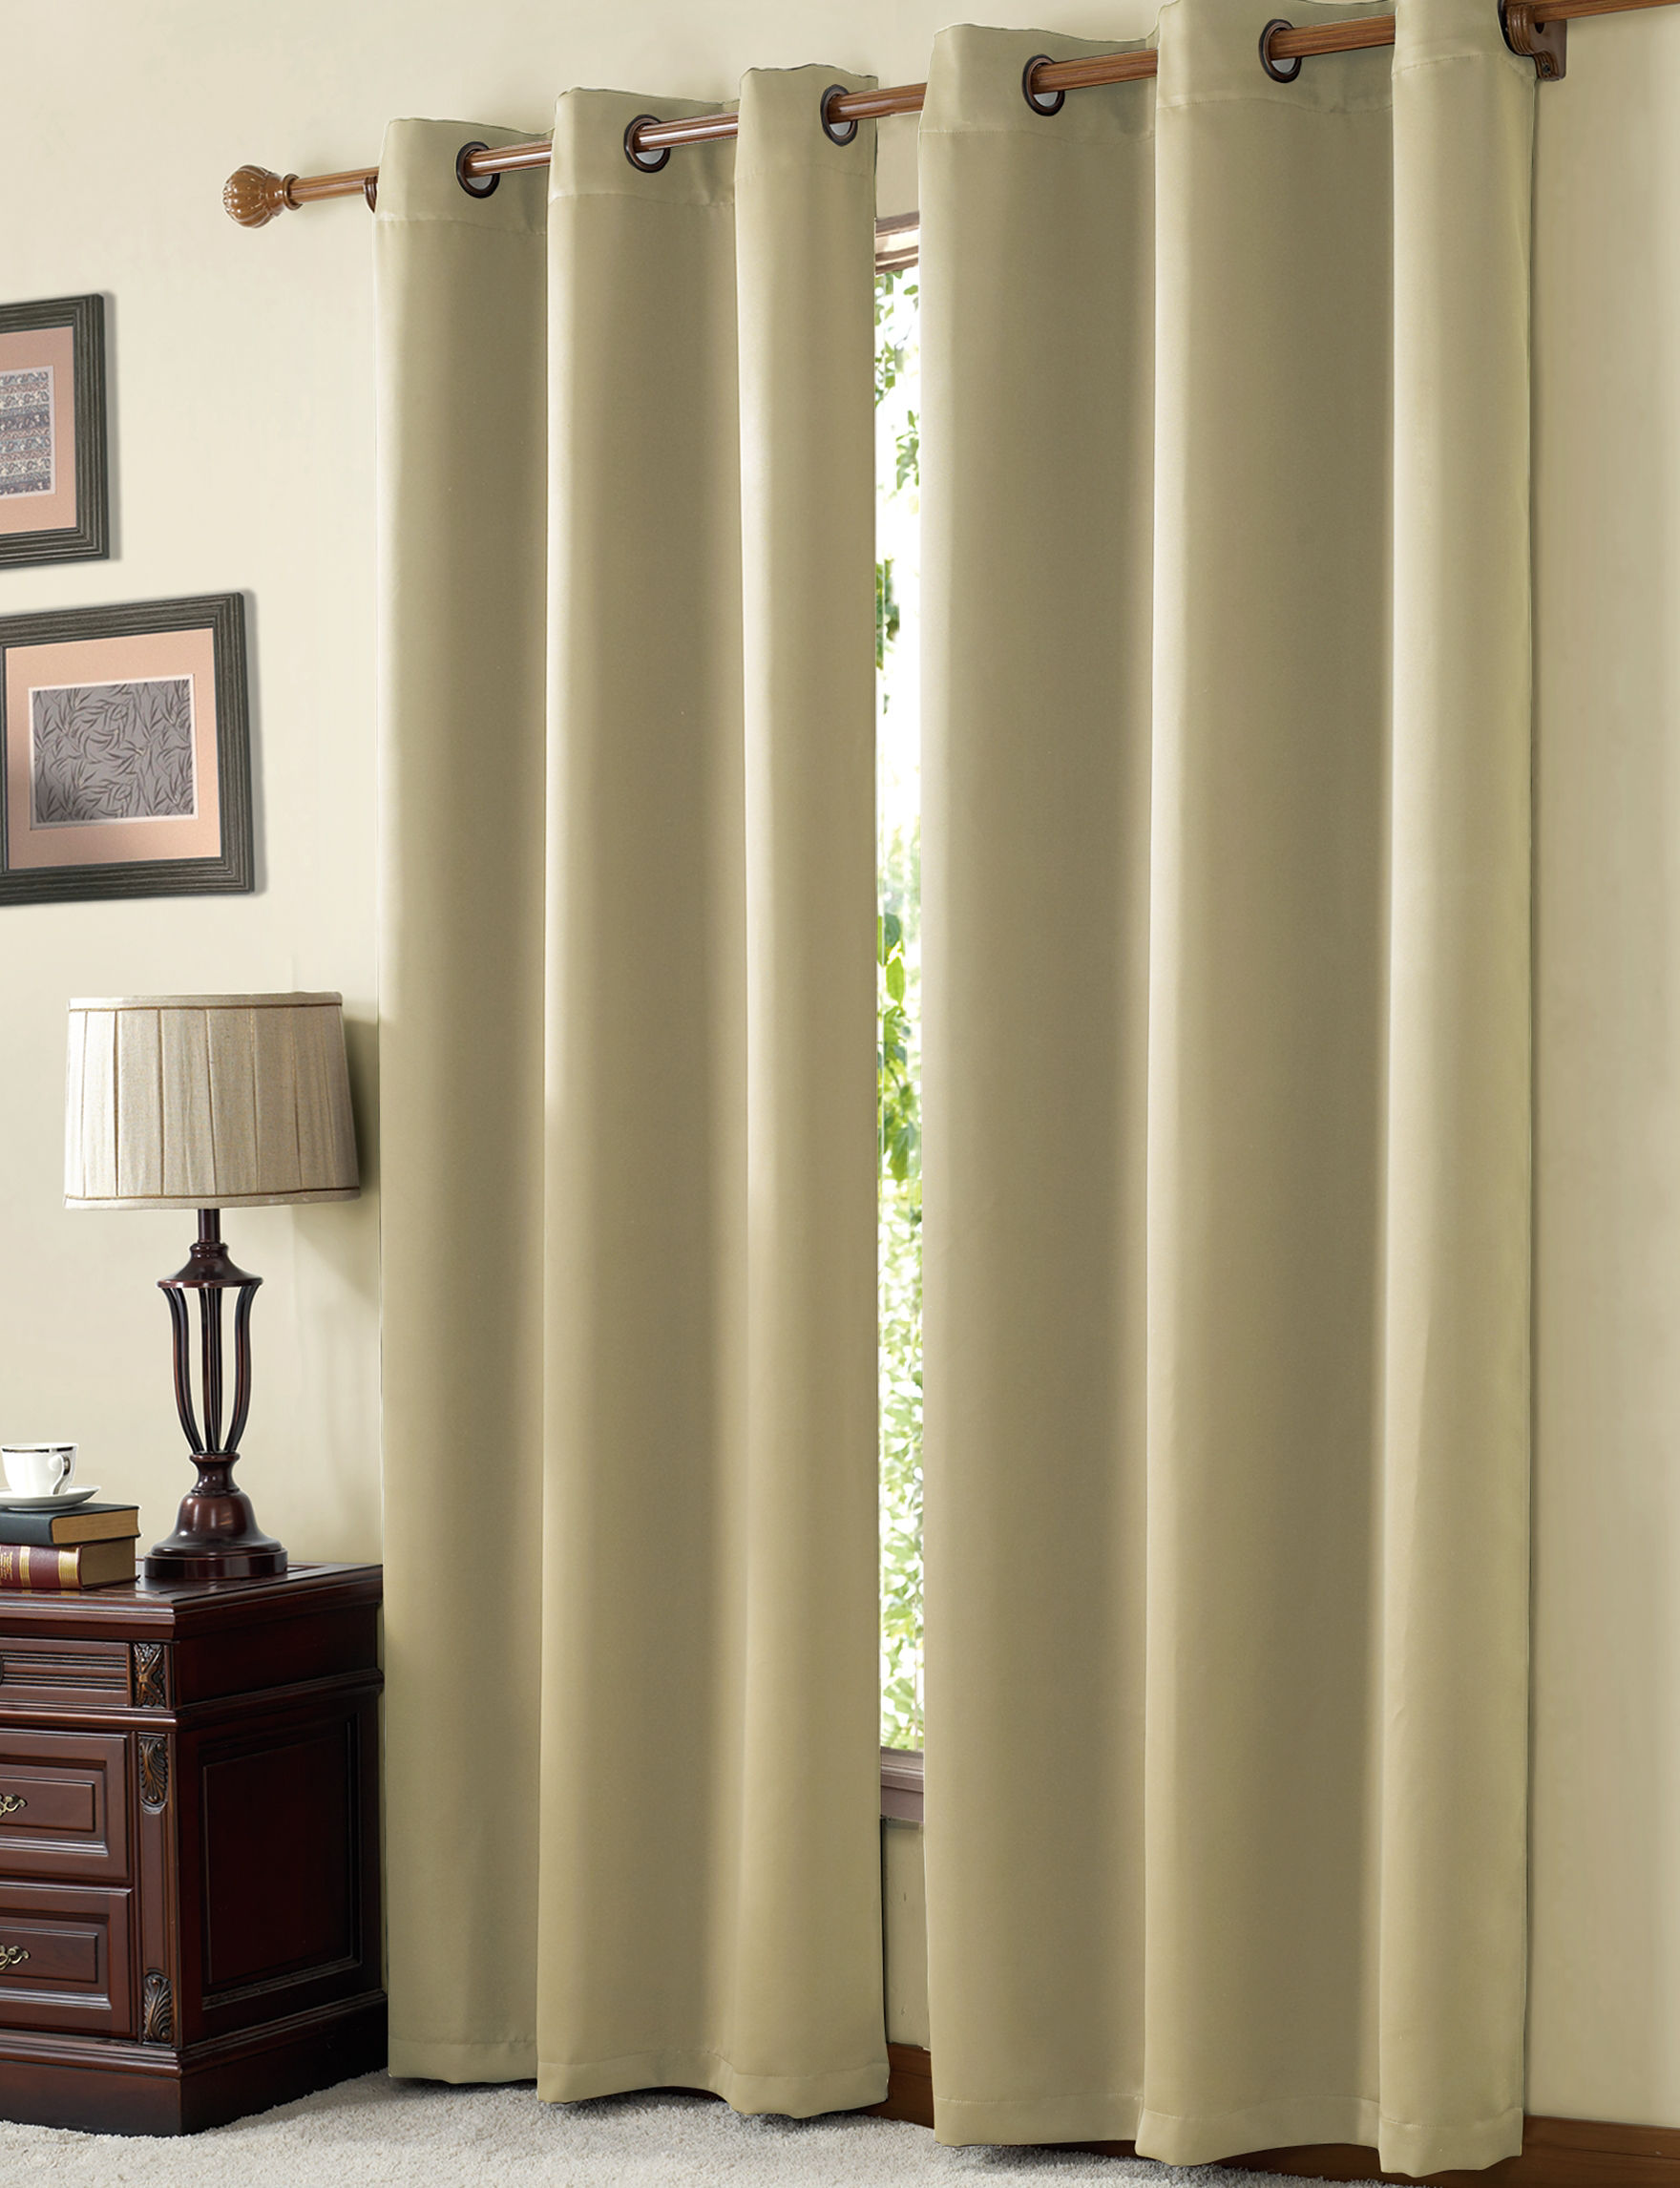 Victoria Classics Natural Curtains & Drapes Window Treatments